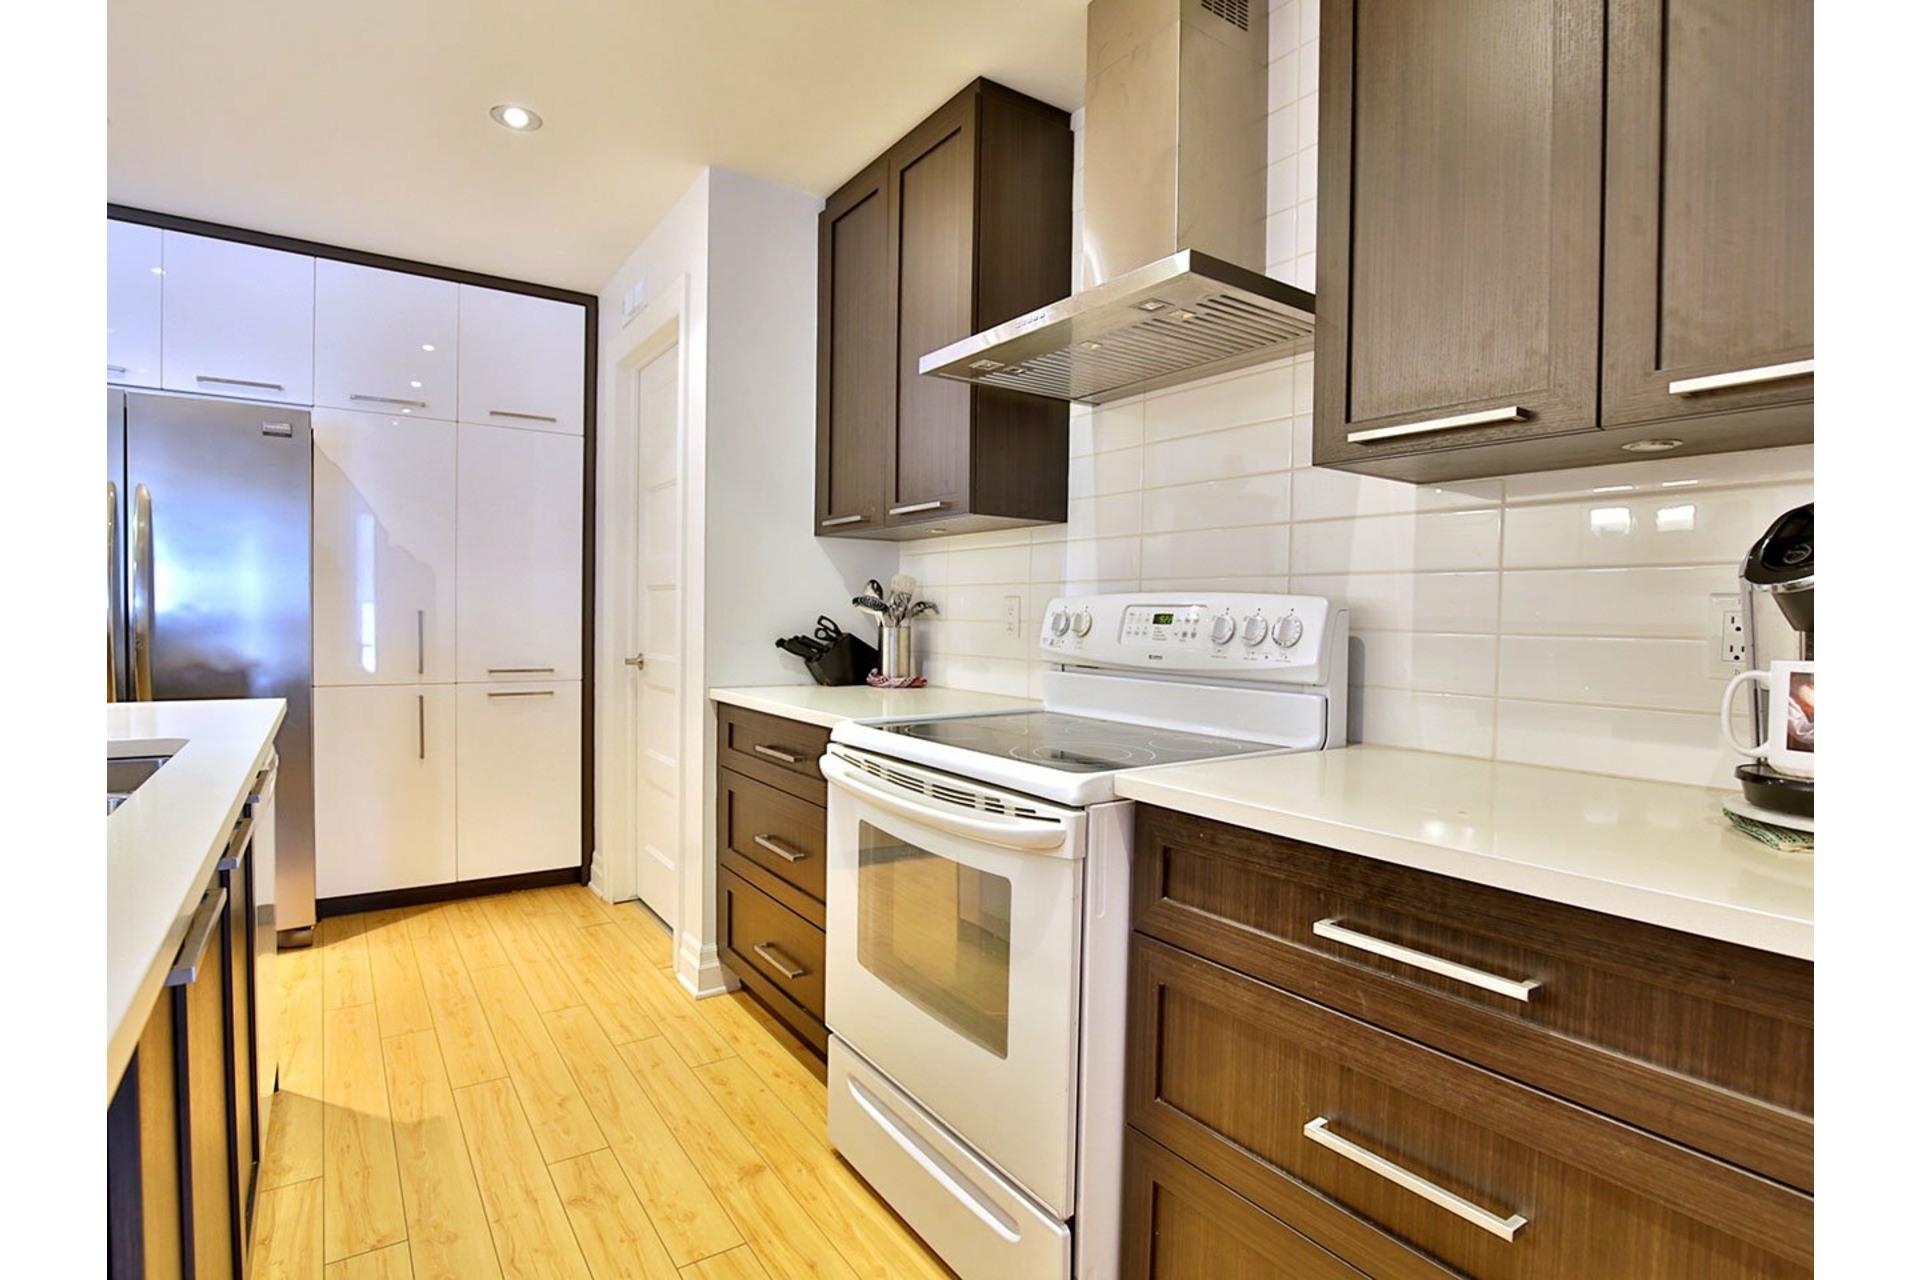 image 6 - Appartement À vendre Varennes - 5 pièces